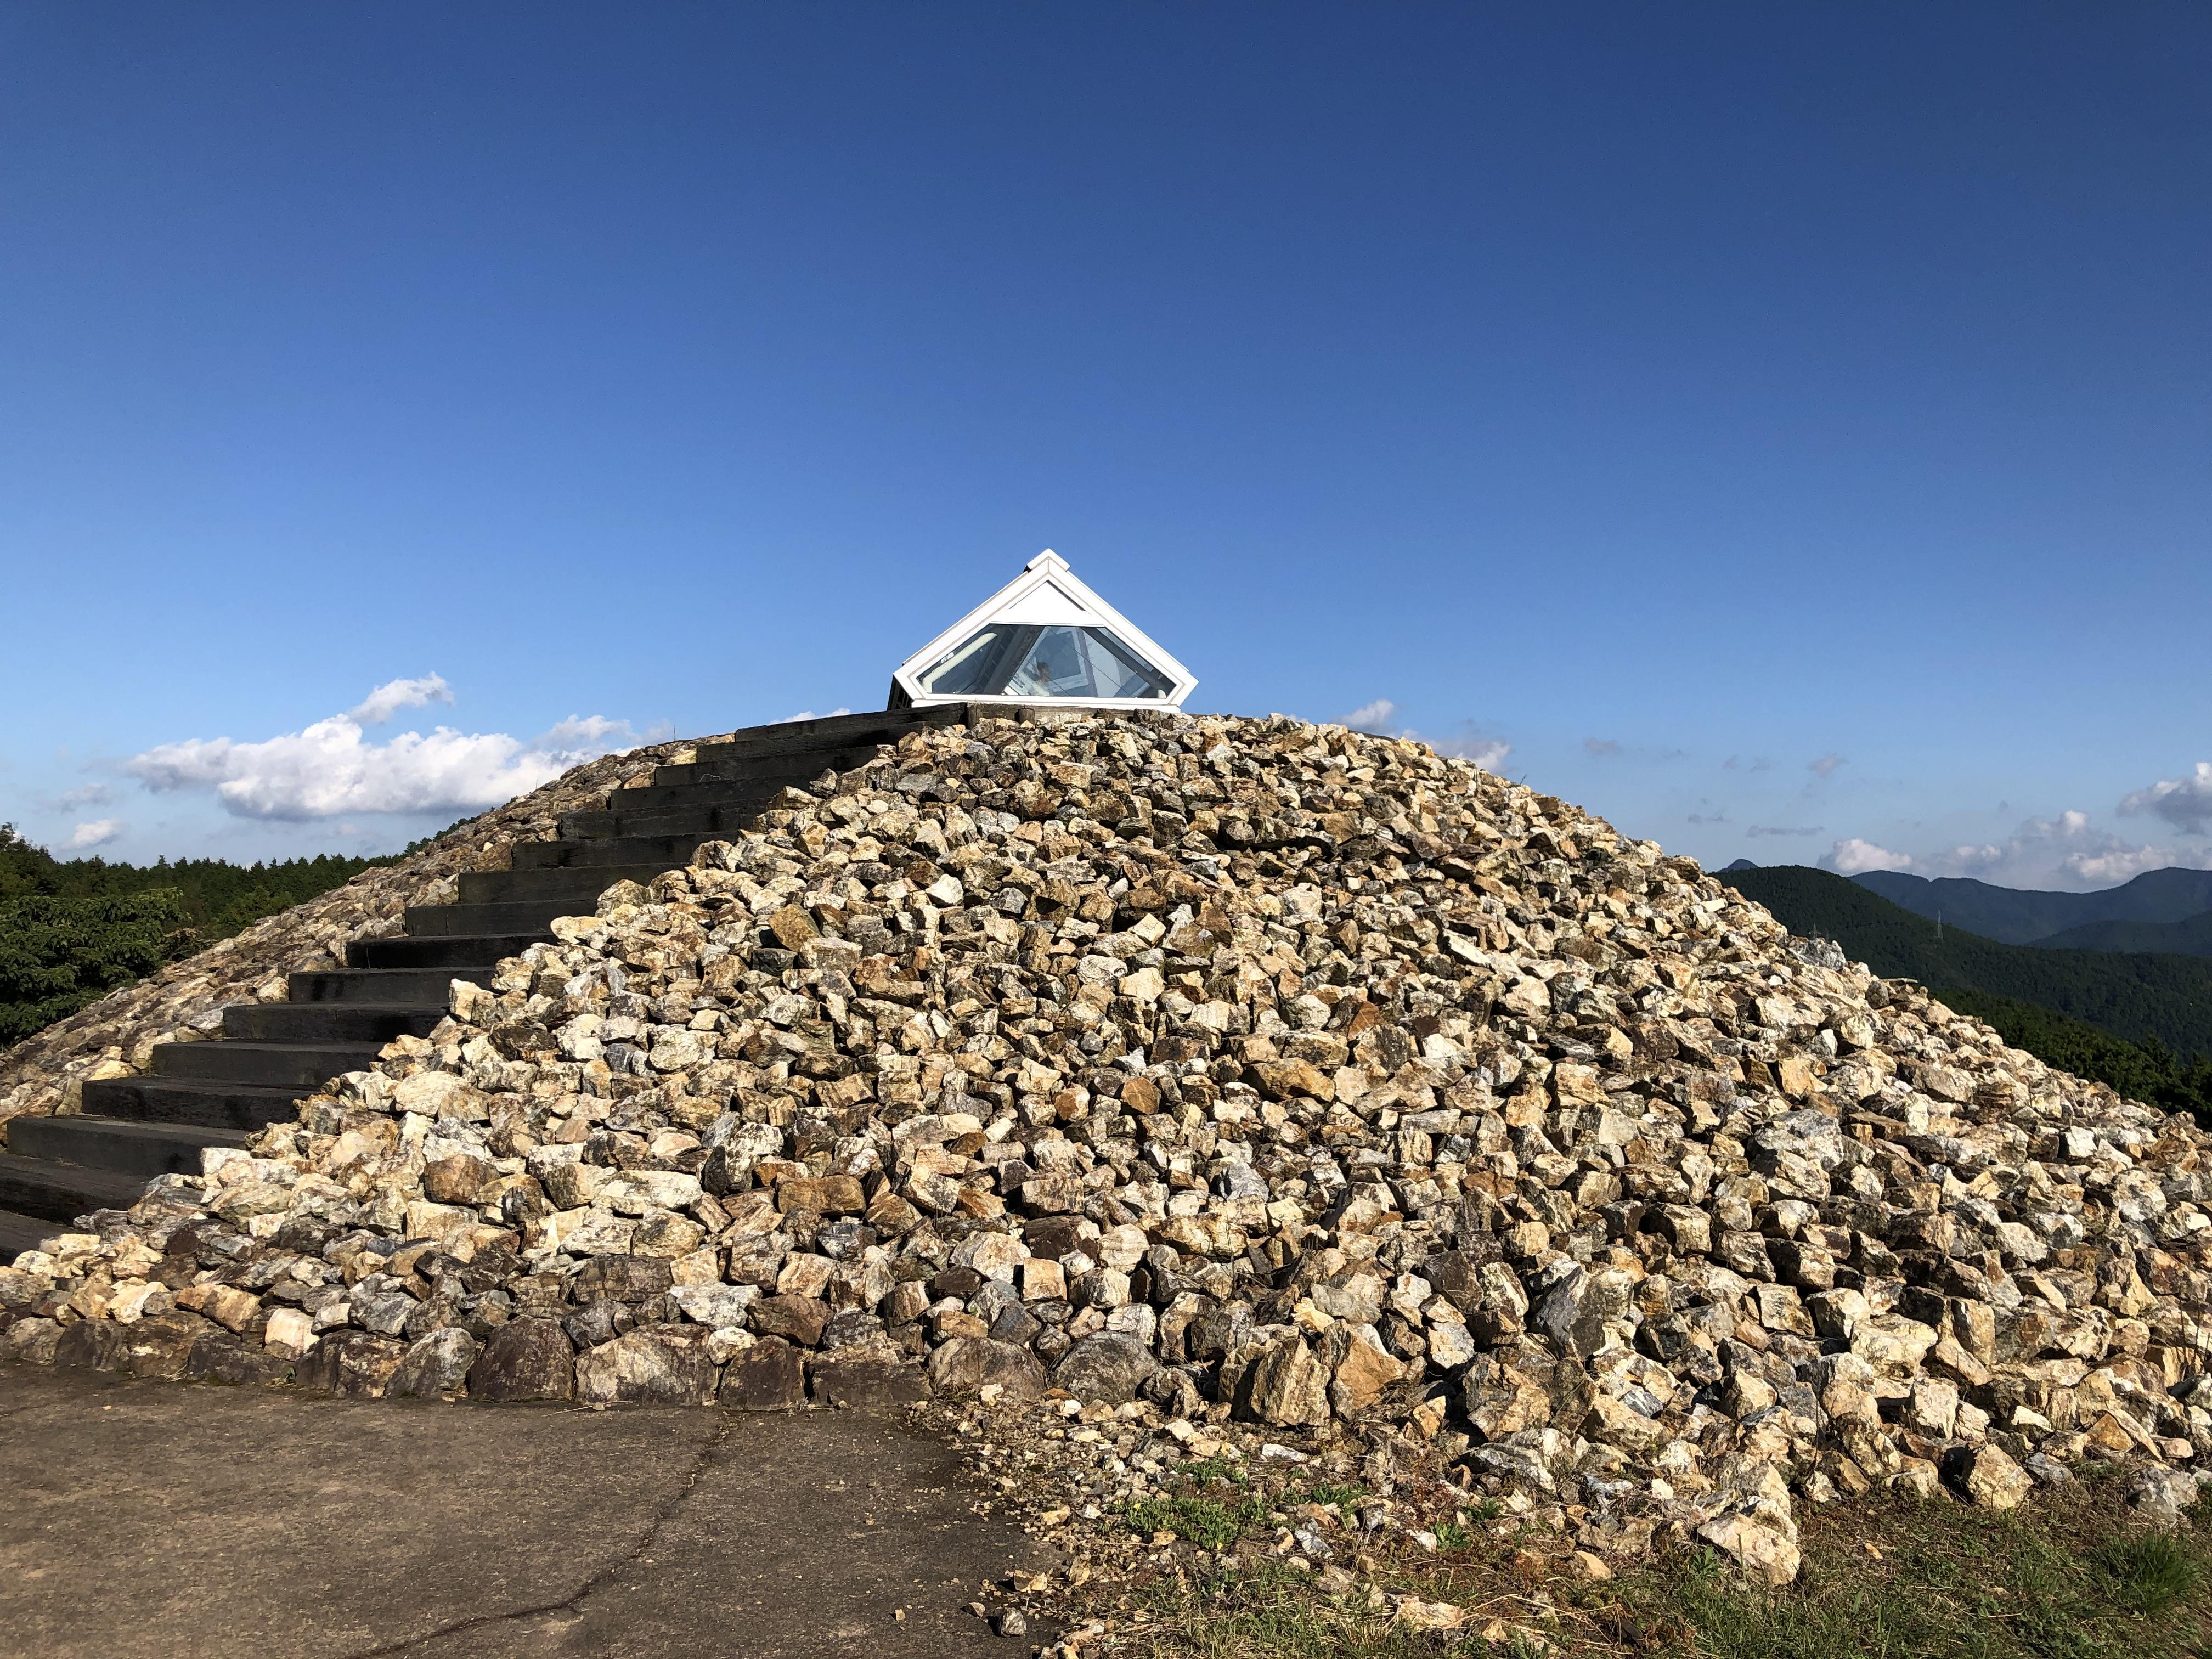 ちょっと冒険!西予市宇和町から行ける「笠置峠古墳」をレポートします!